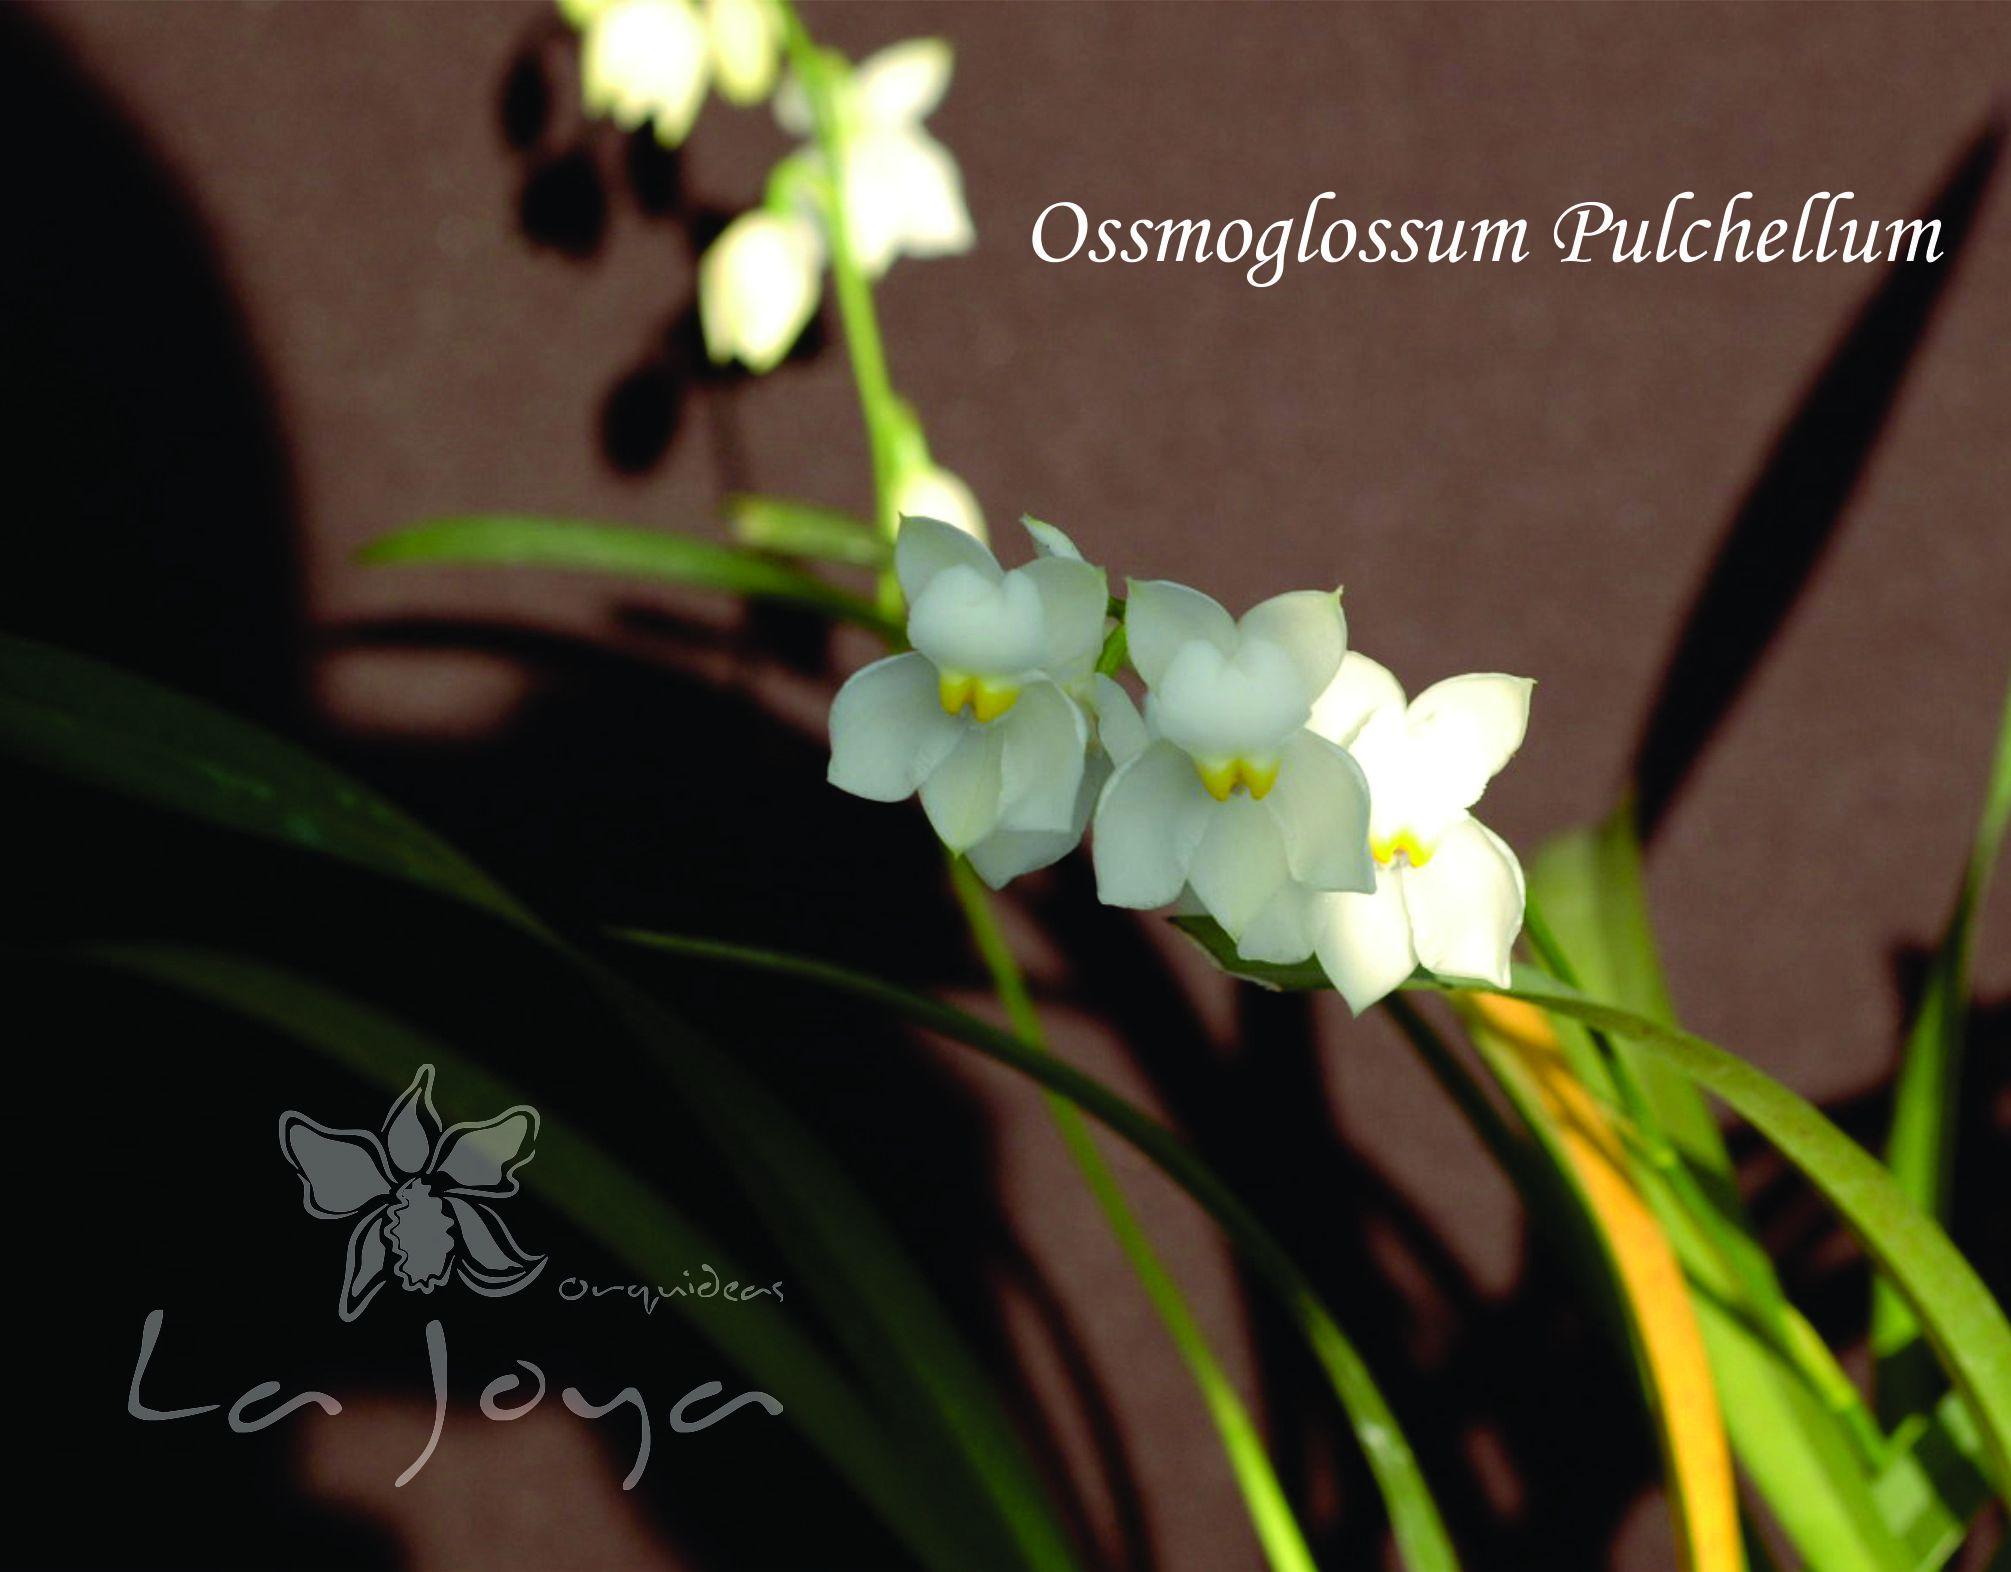 Oncidium Pulchellum